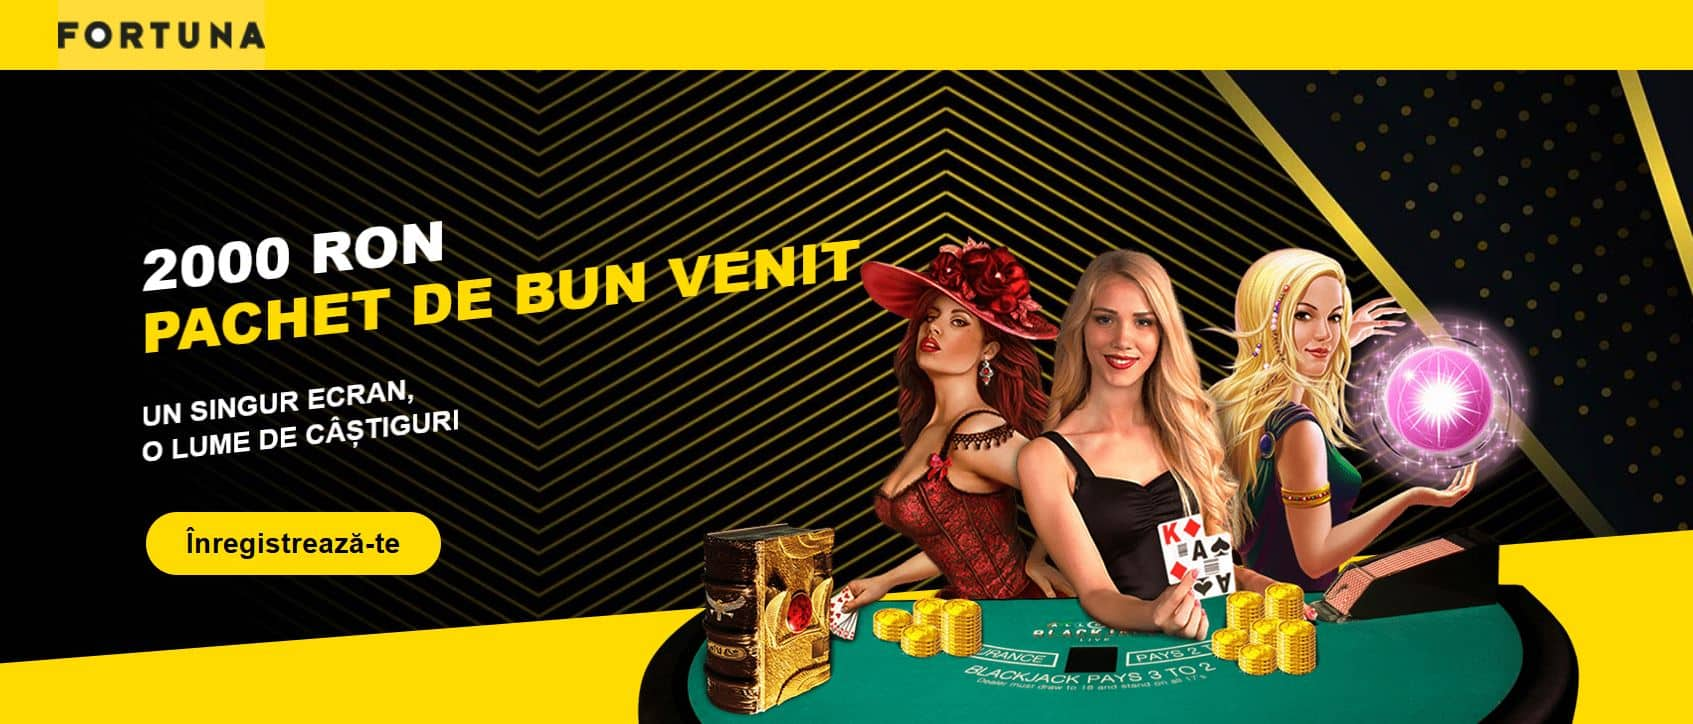 bonus fortuna cazino